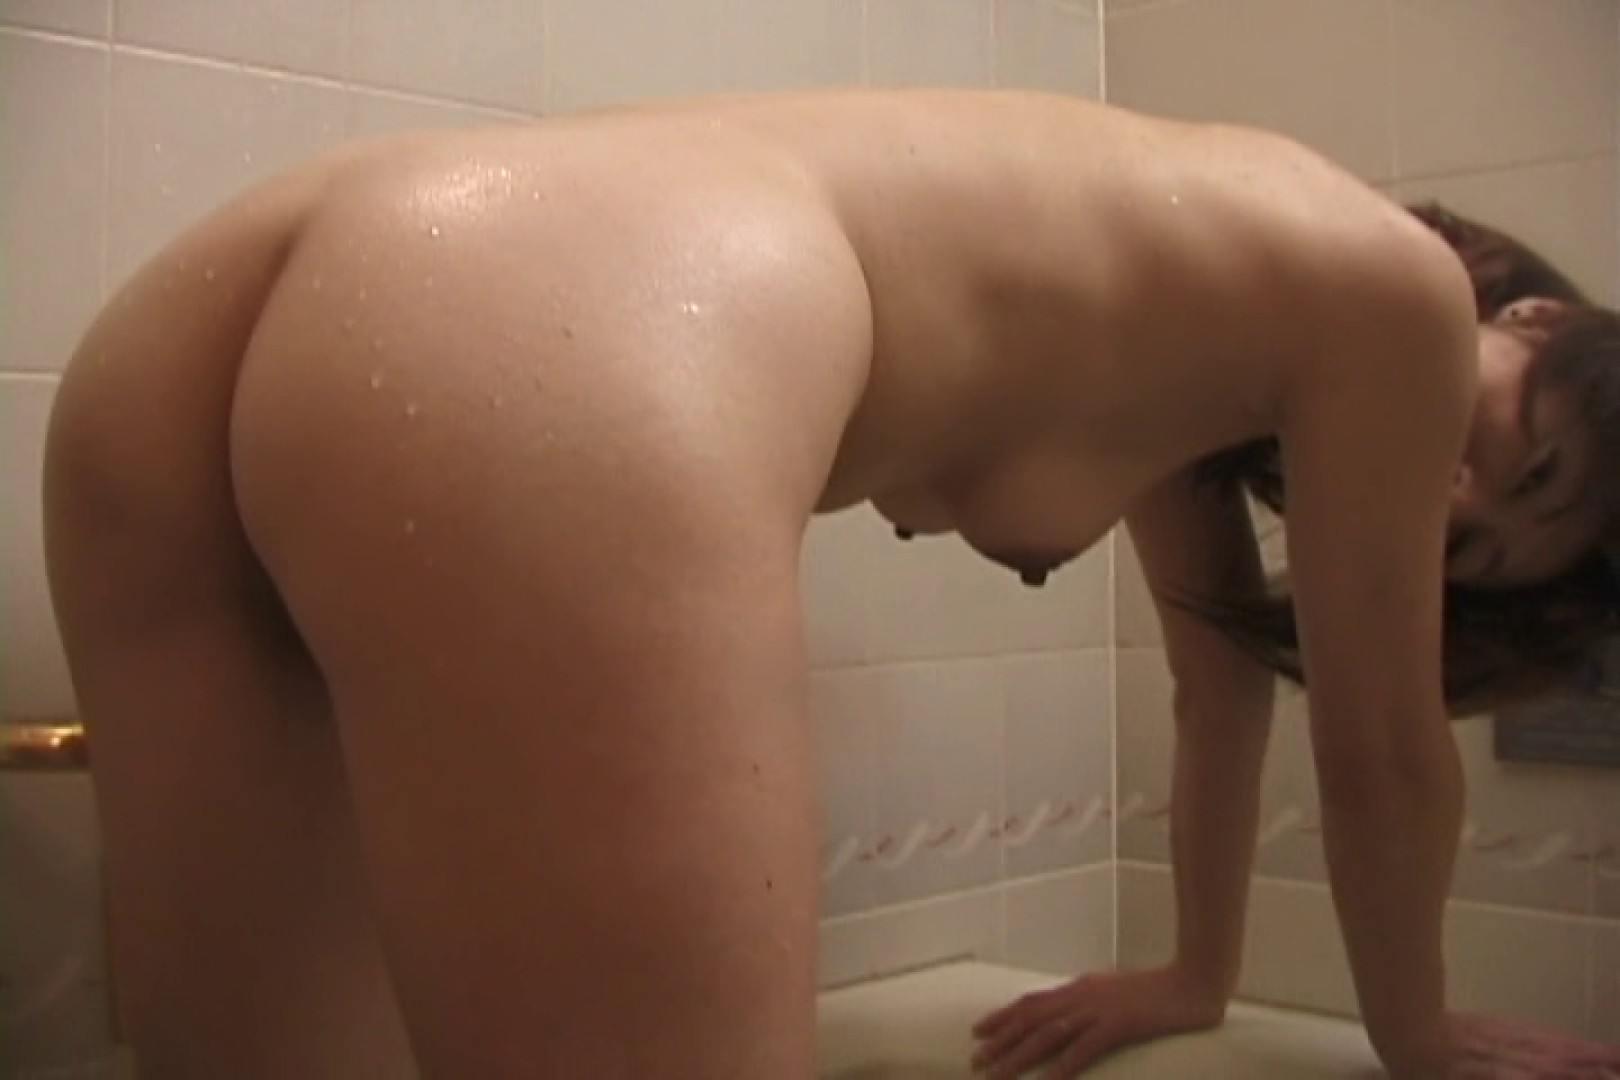 淫乱人妻に癒しを求める若い彼~川口早苗~ ギャル達の手マン | 人妻  62画像 27